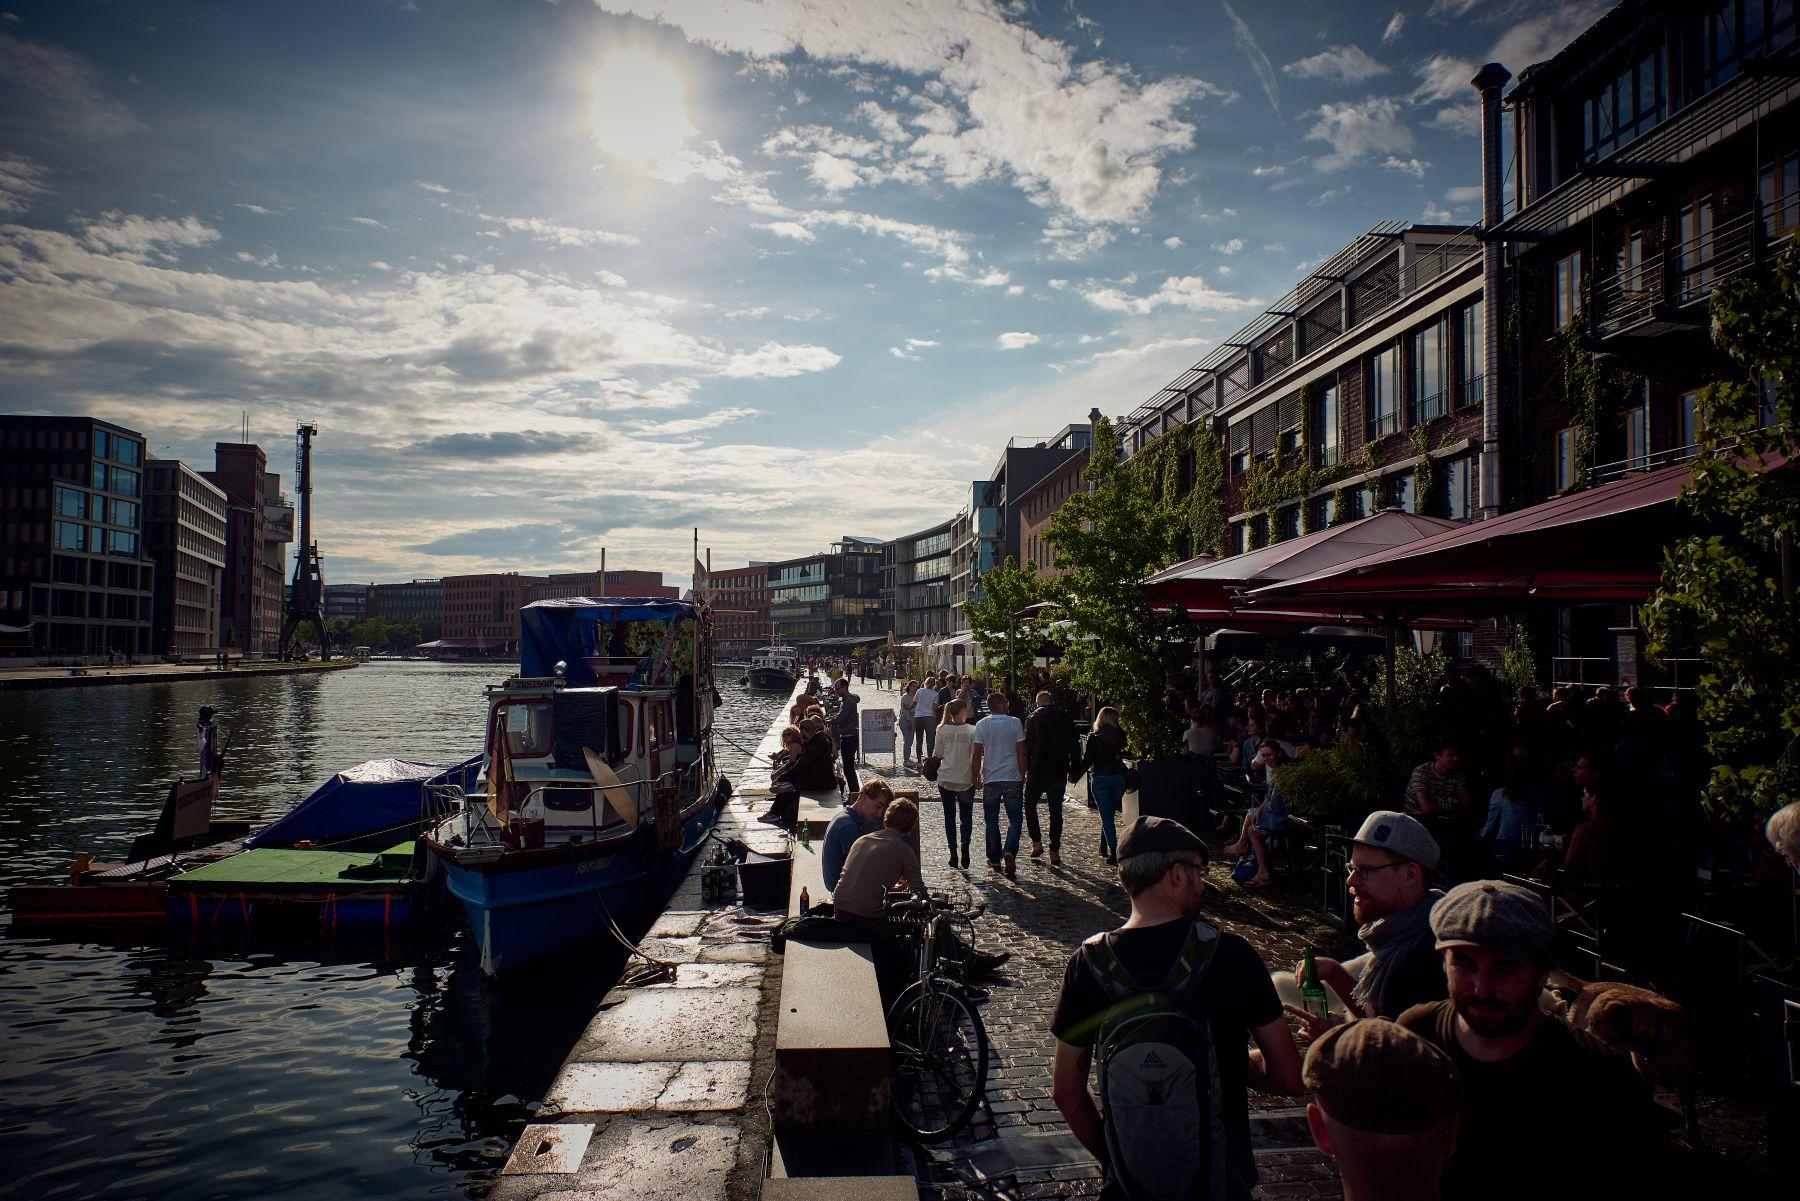 Treibgut - Hafen -2-2019- Jo Zeeland 4 - es füllt sich